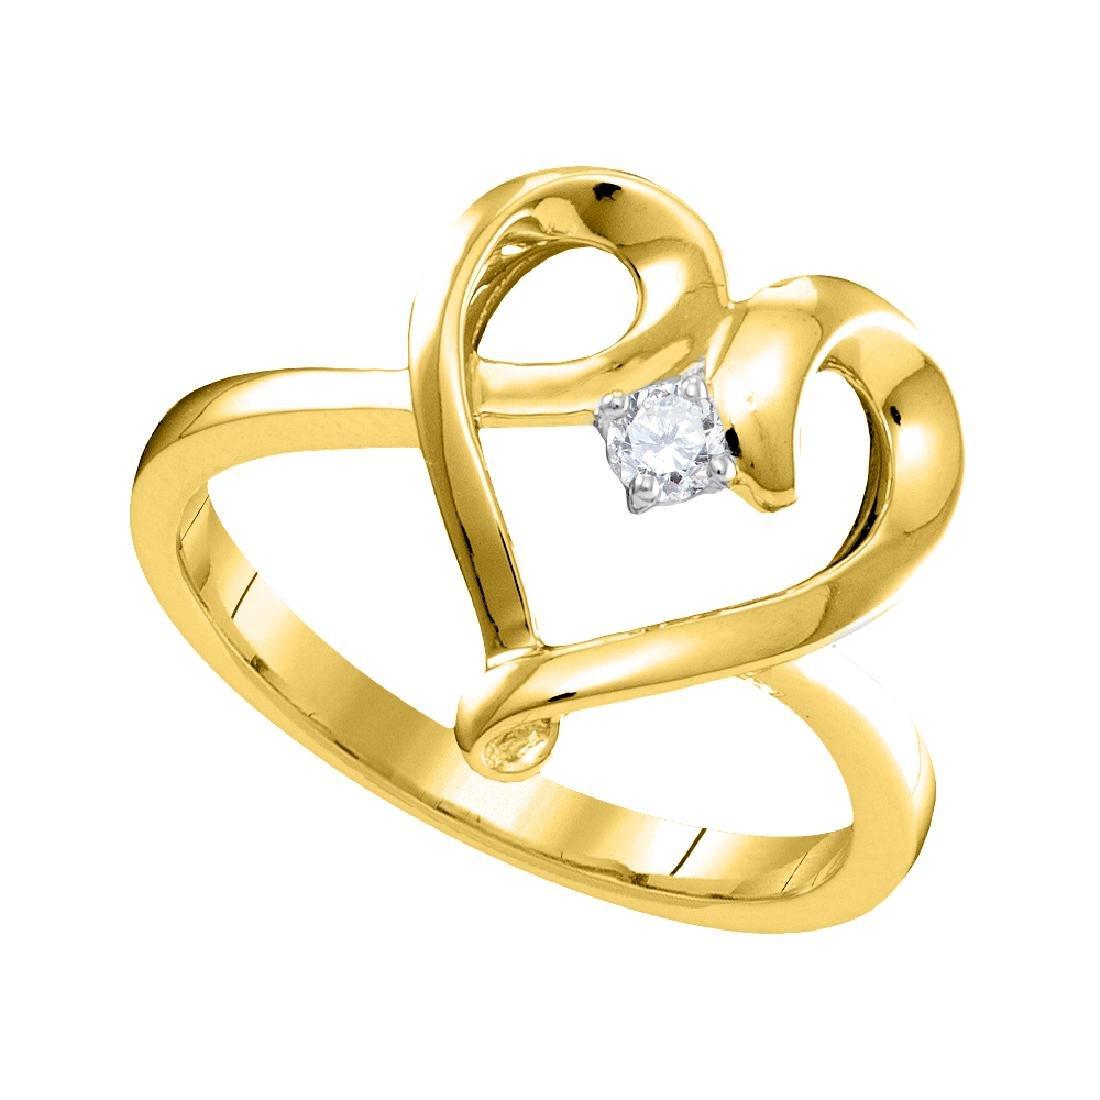 0.05 CTW Diamond Heart Love Promise Bridal Ring 10KT